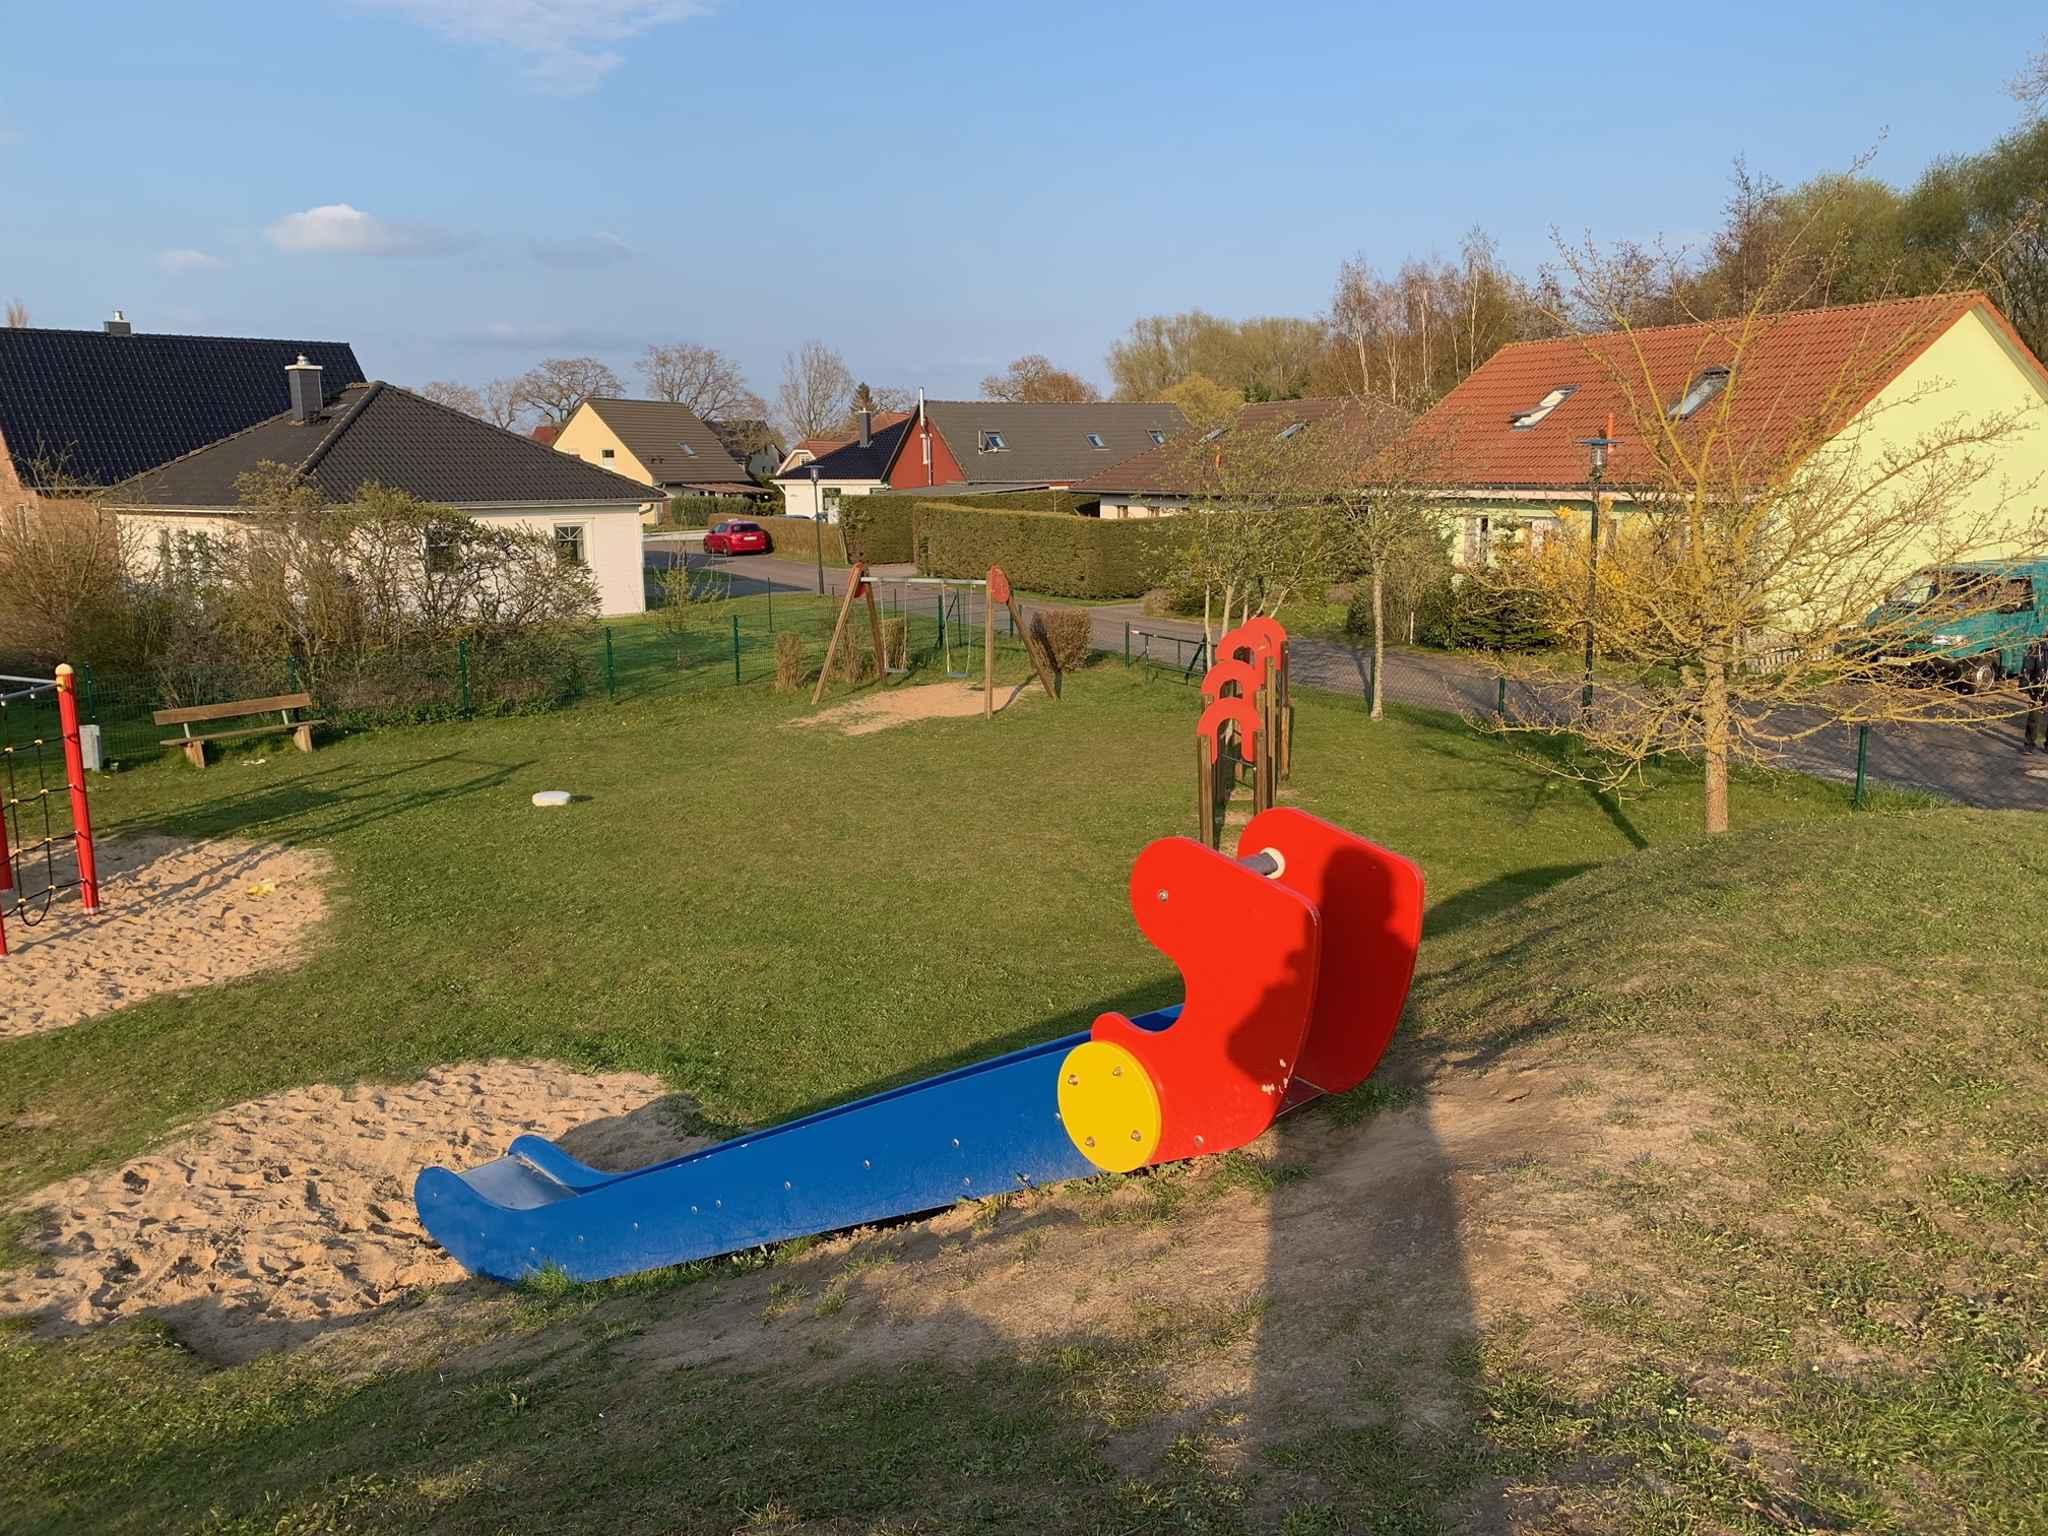 Ferienwohnung mit Garten, direkt im Kranichrastgebiet (360789), Klausdorf, Stralsund, Mecklenburg-Vorpommern, Deutschland, Bild 8